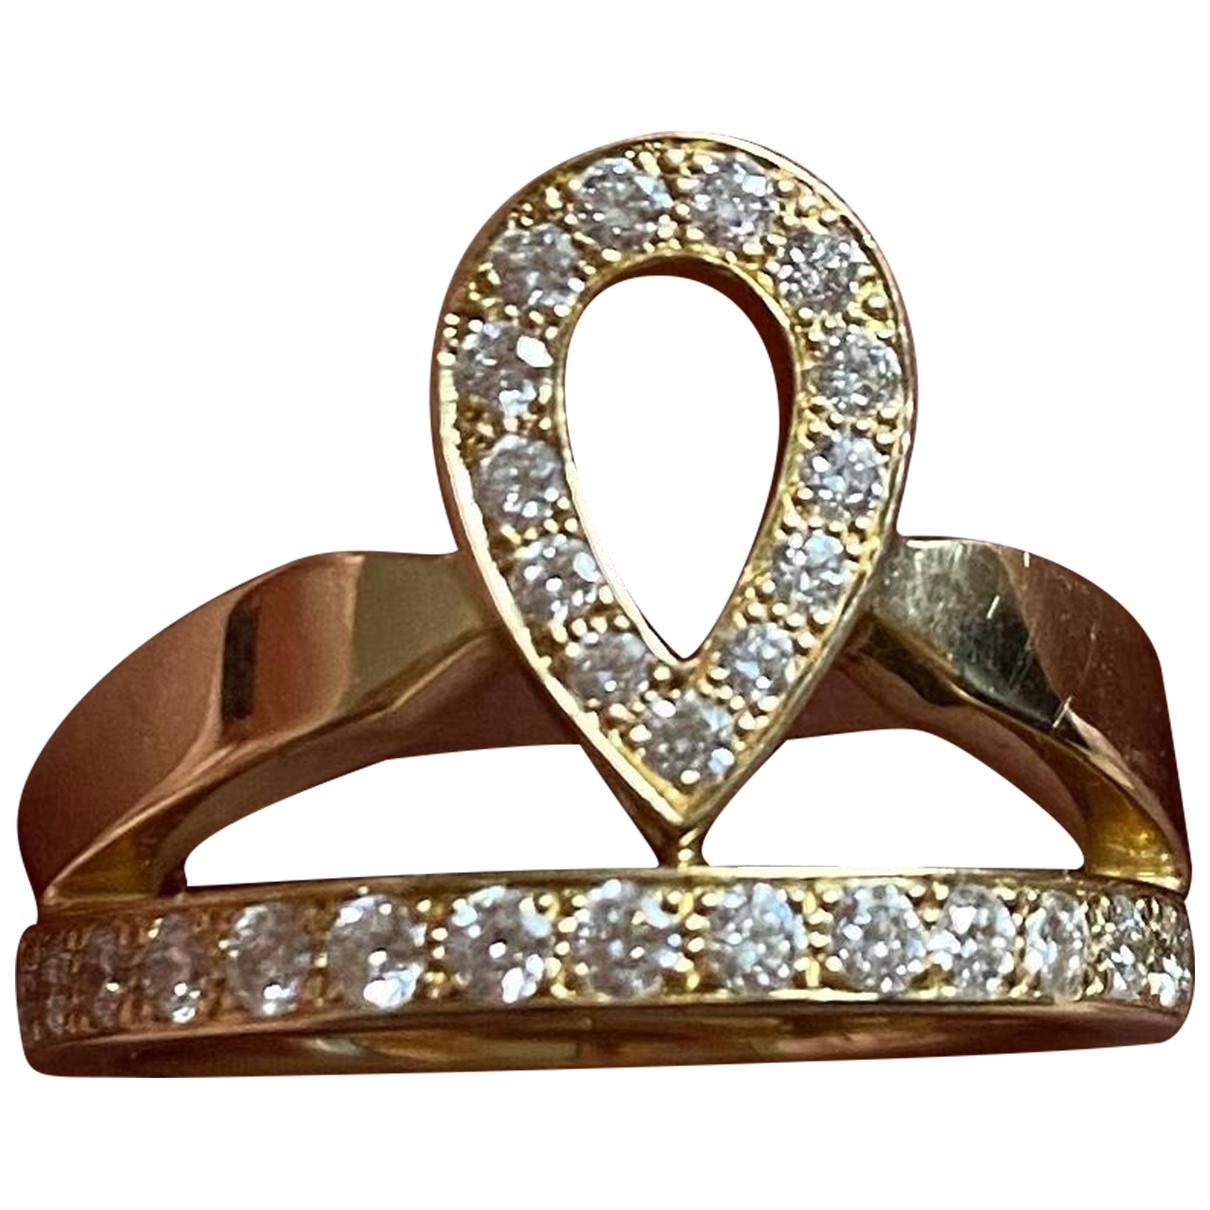 Chaumet - Bague Josephine pour femme en or jaune - dore